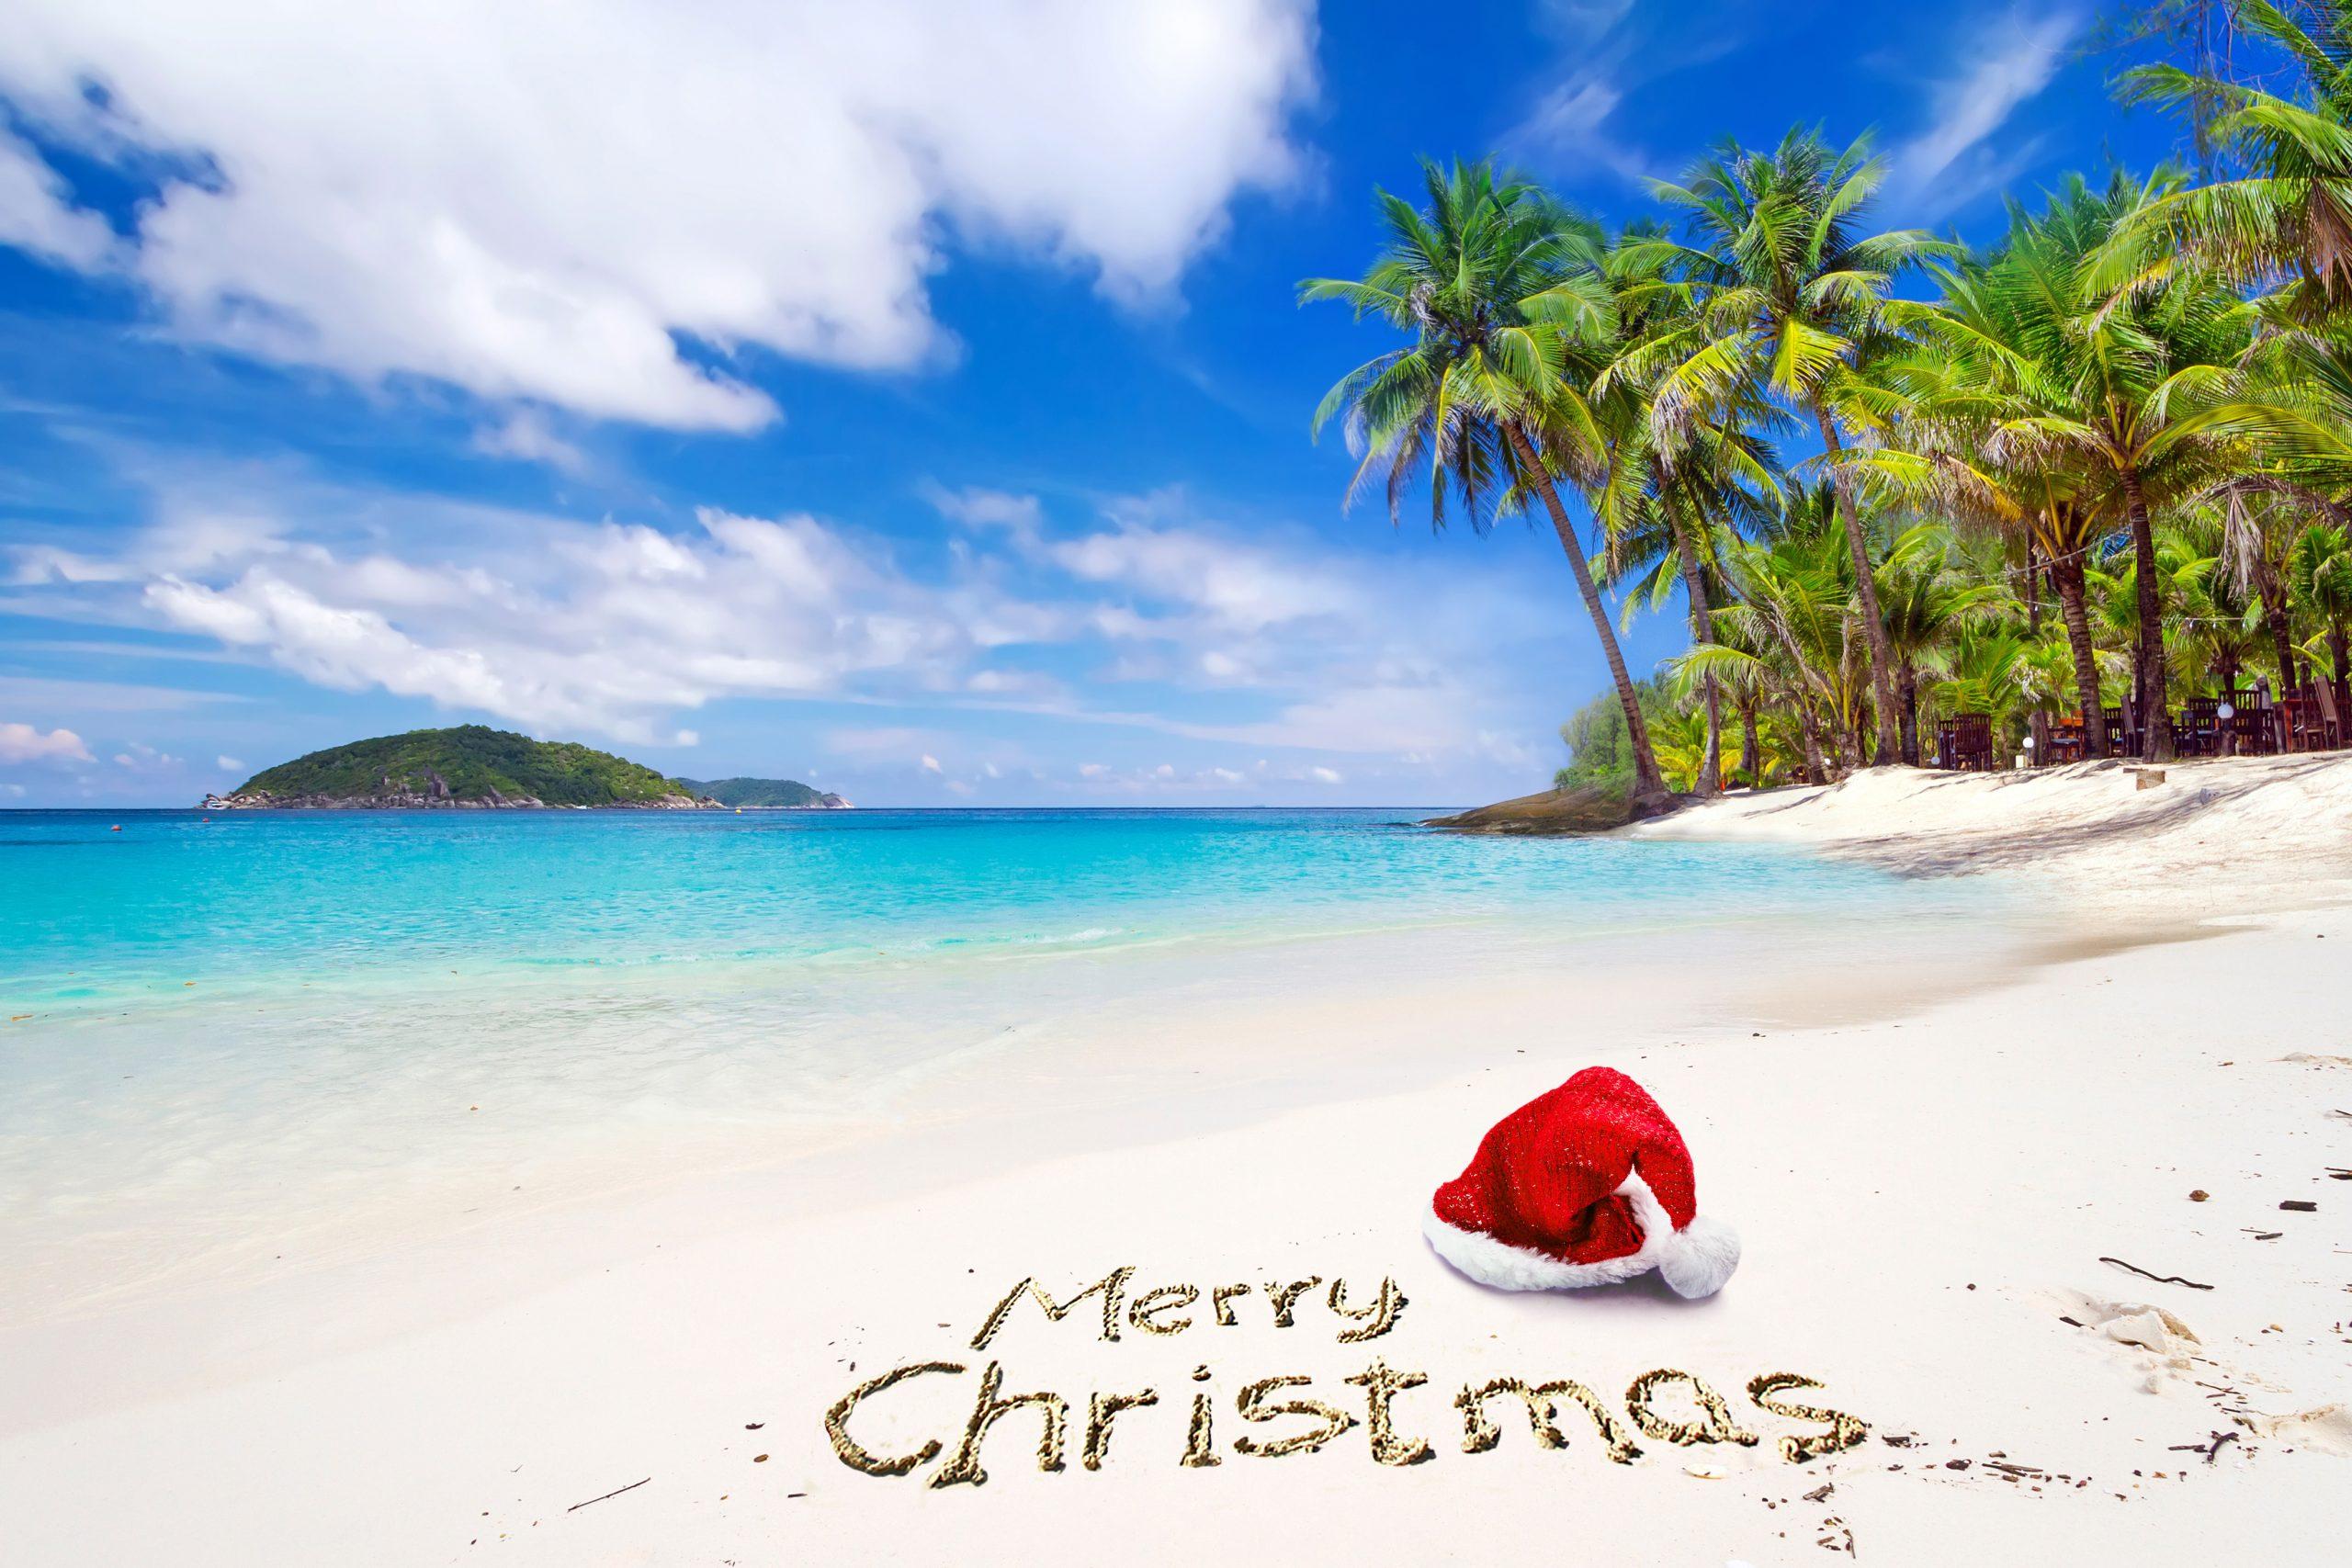 Merry Christmas with santa_une croisière de Noël aux Antilles_Dream yacht charter